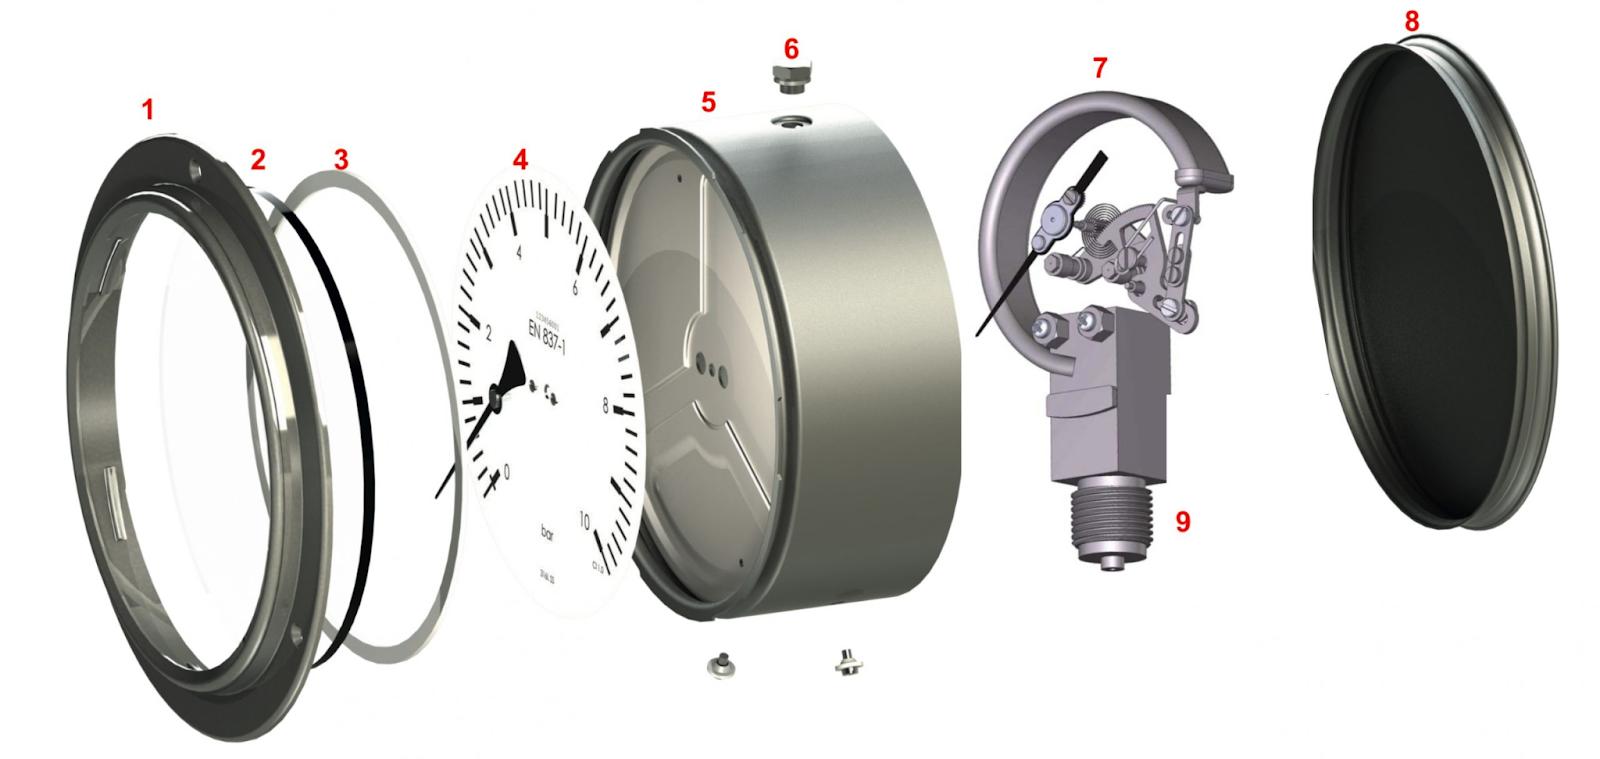 Một số sản phẩm đồng hồ đo áp suất